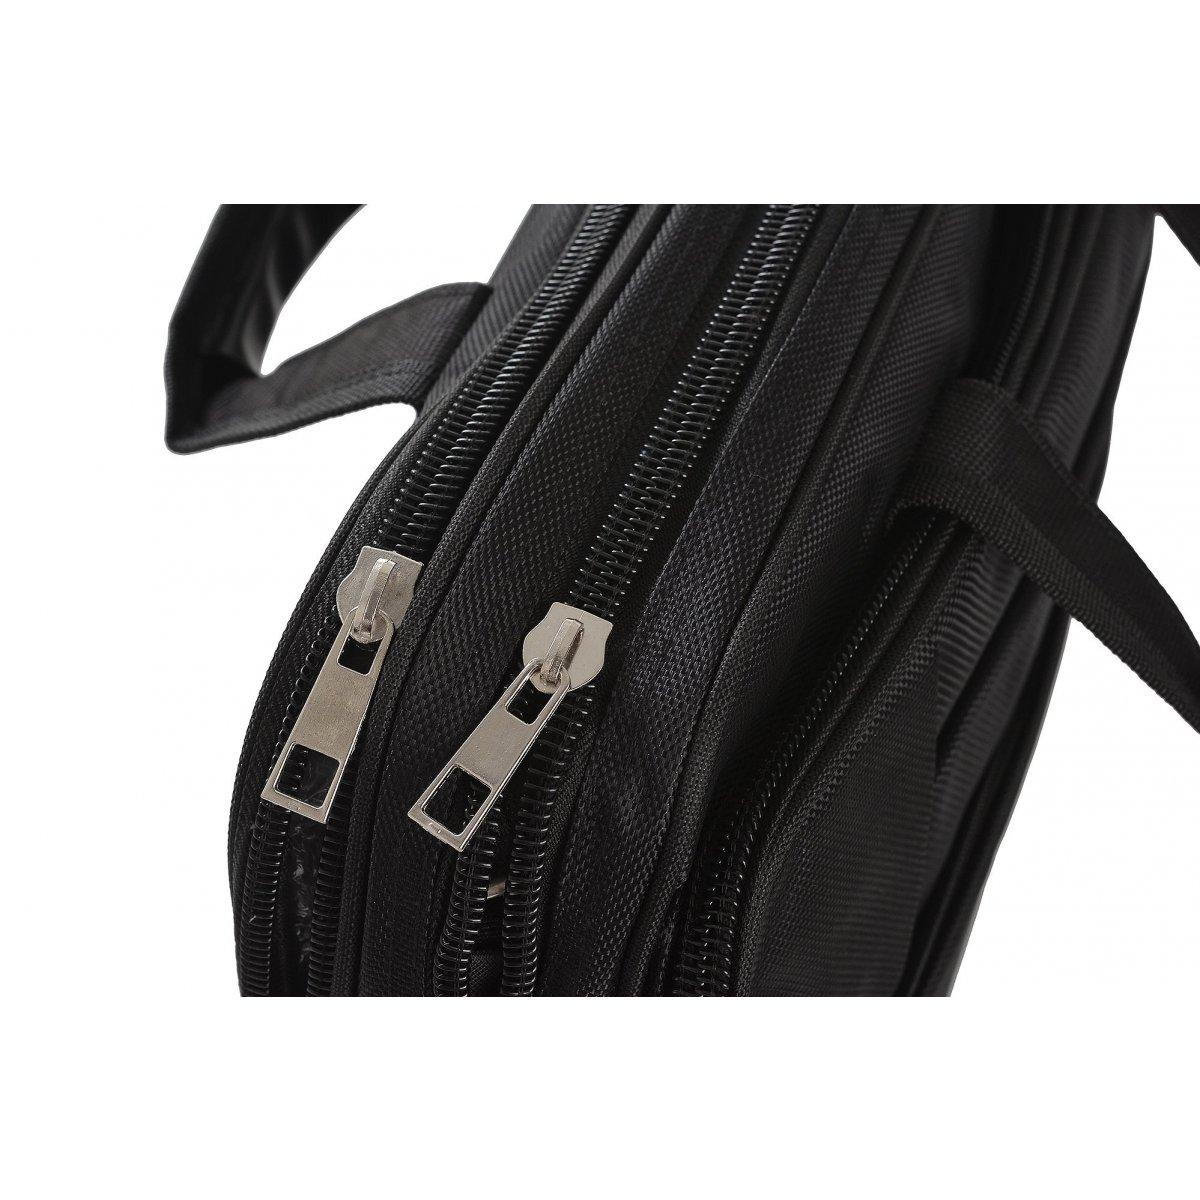 serviette porte ordinateur extensible les sacs de k 39 rlot hk161011 couleur principale noir. Black Bedroom Furniture Sets. Home Design Ideas